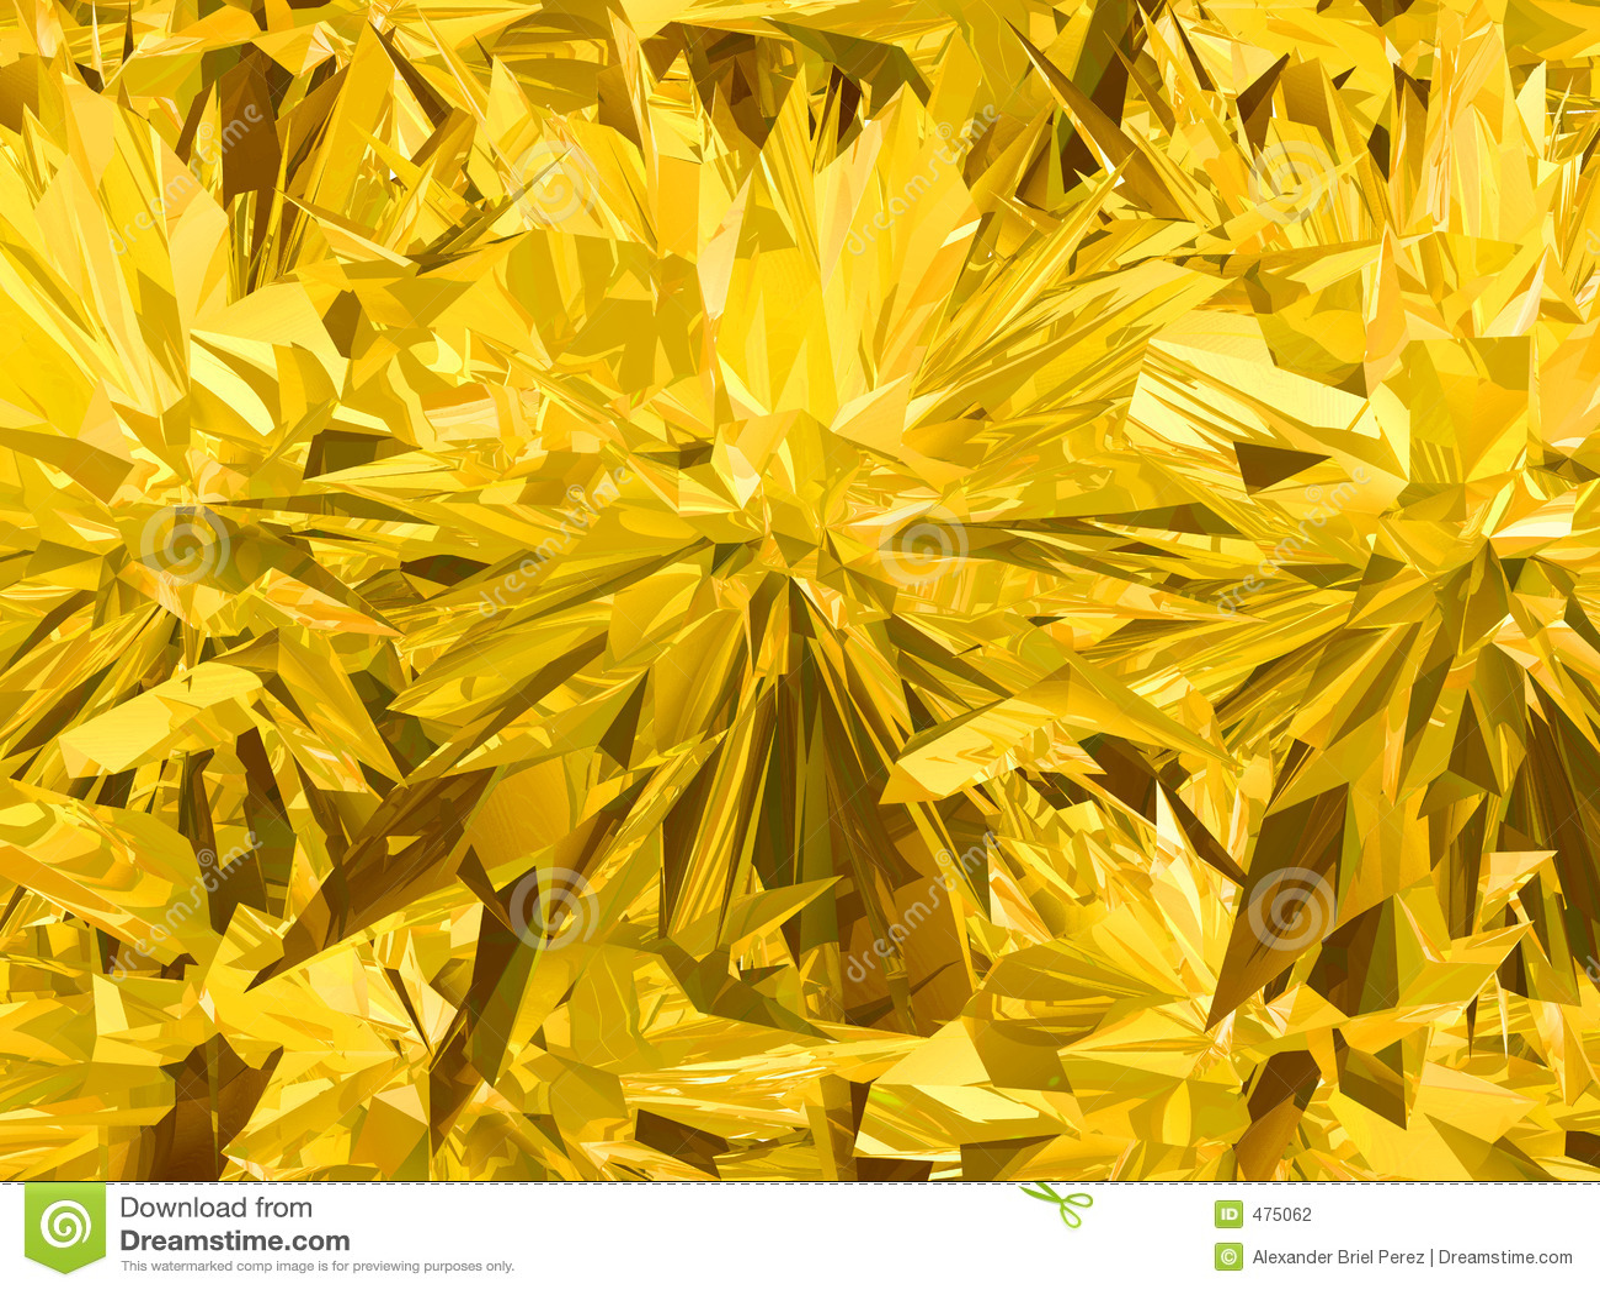 Crystalin